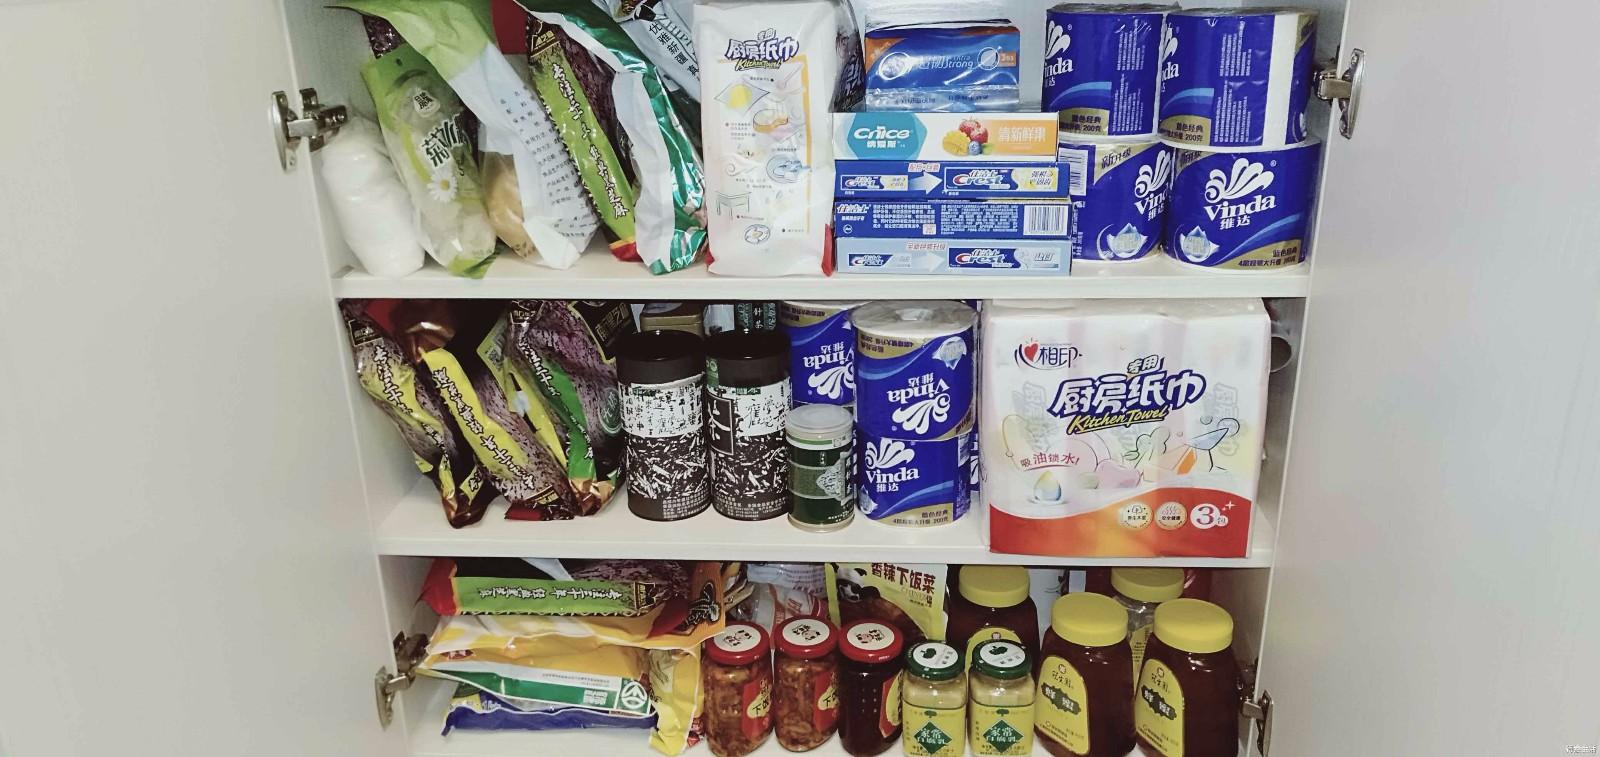 【晒存货No.8】凑个热闹,晒存货!蔬菜肉类、生活用品样样齐全!